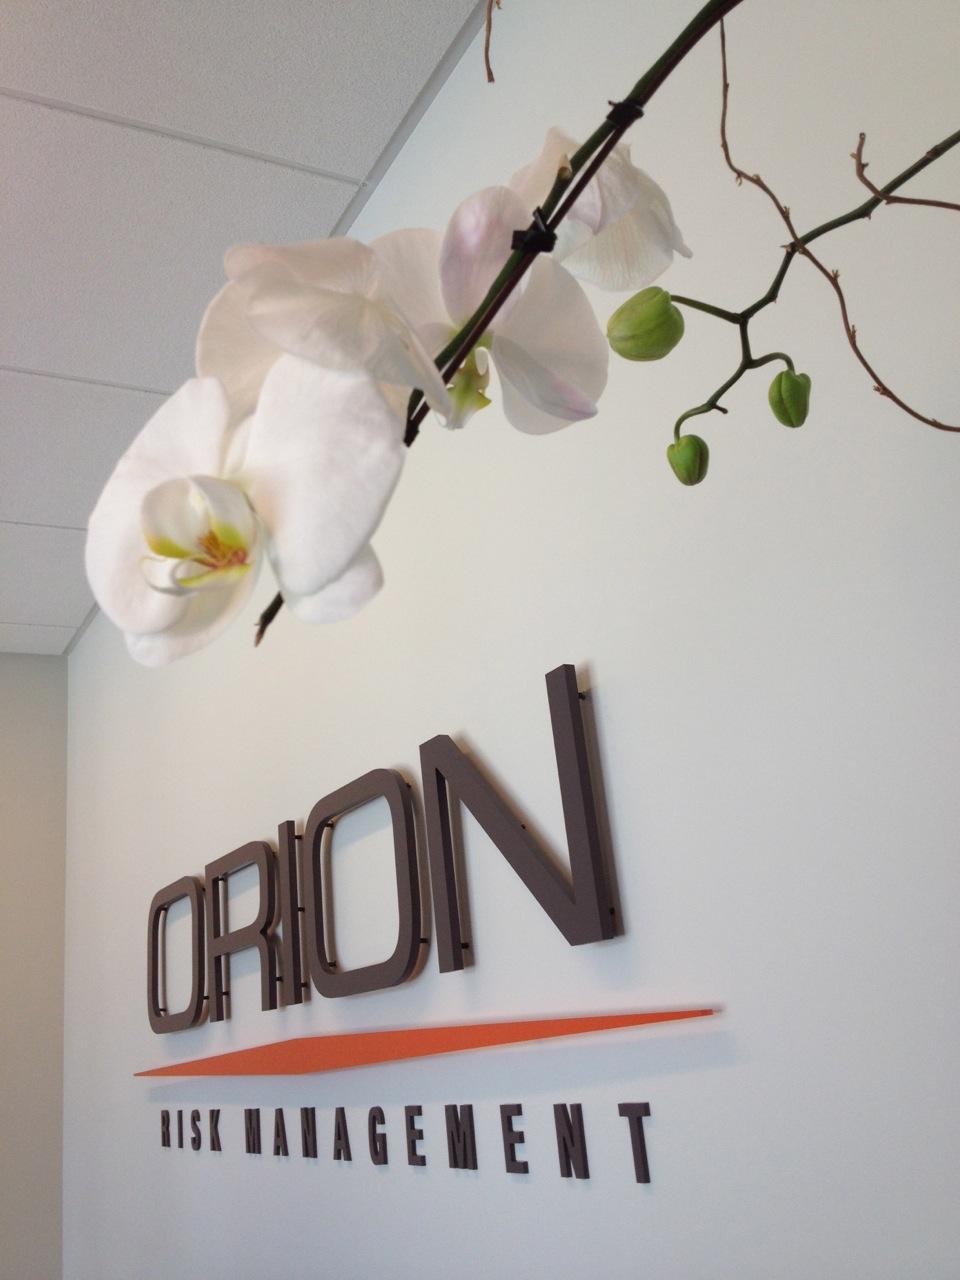 Orion Risk Management sign